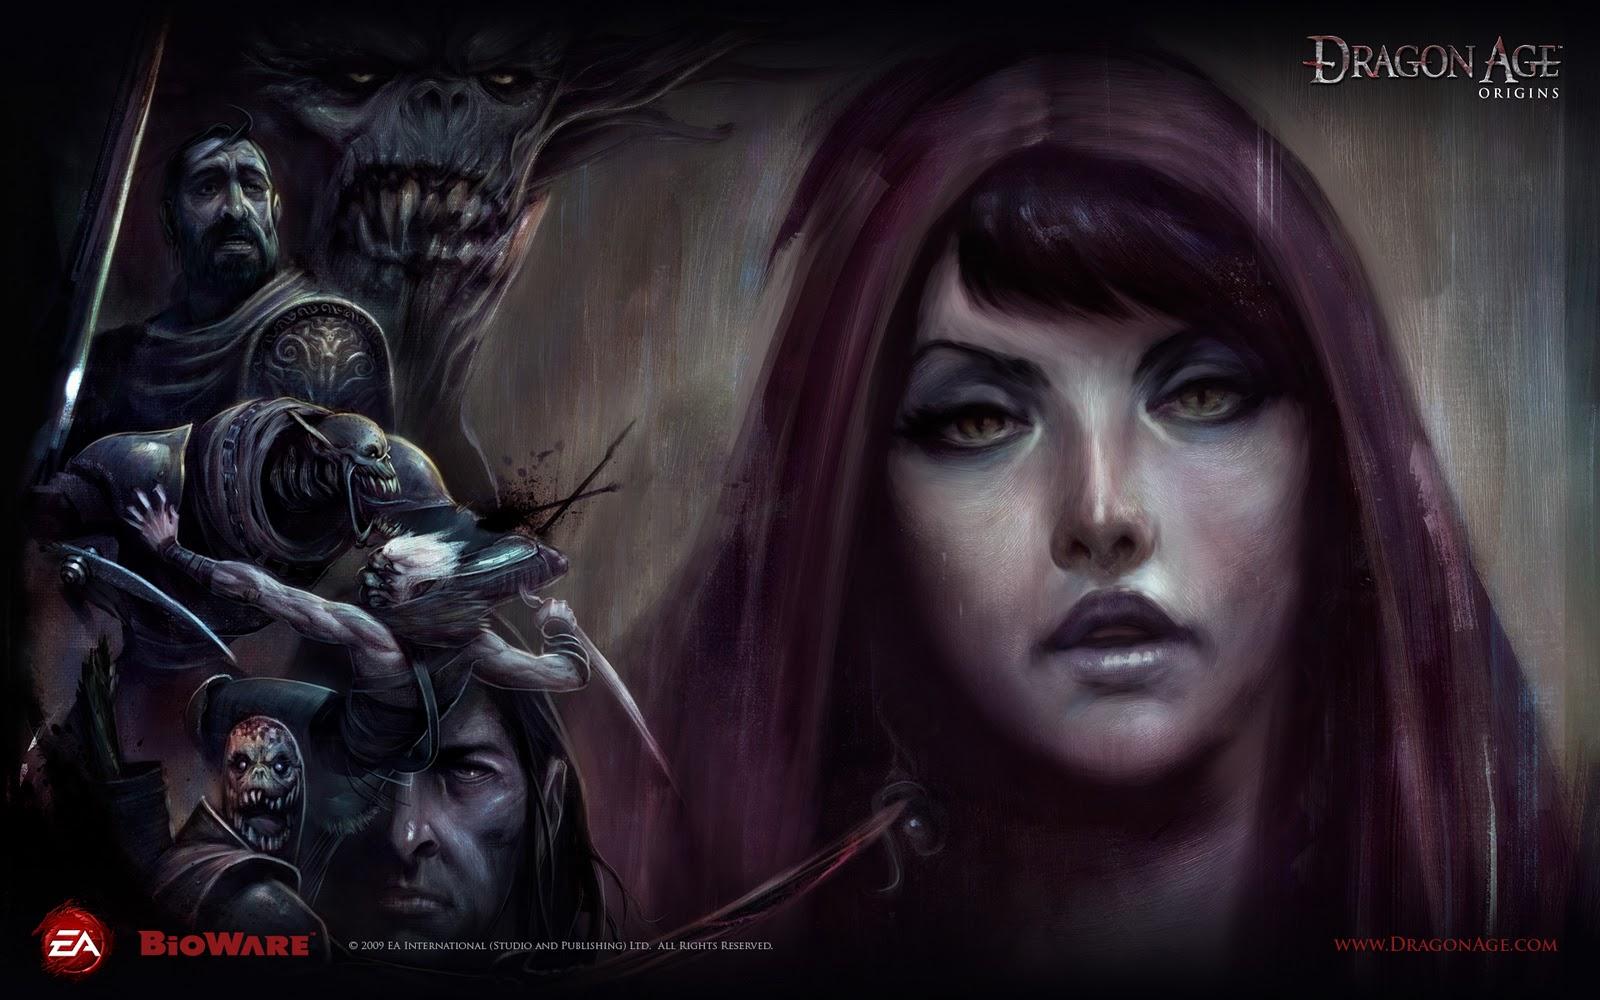 http://2.bp.blogspot.com/_B1r-eK-LhGU/TQHO5uVQMUI/AAAAAAAAB5Y/Ibw6PLr7IVk/s1600/wallpaper-296697.jpg